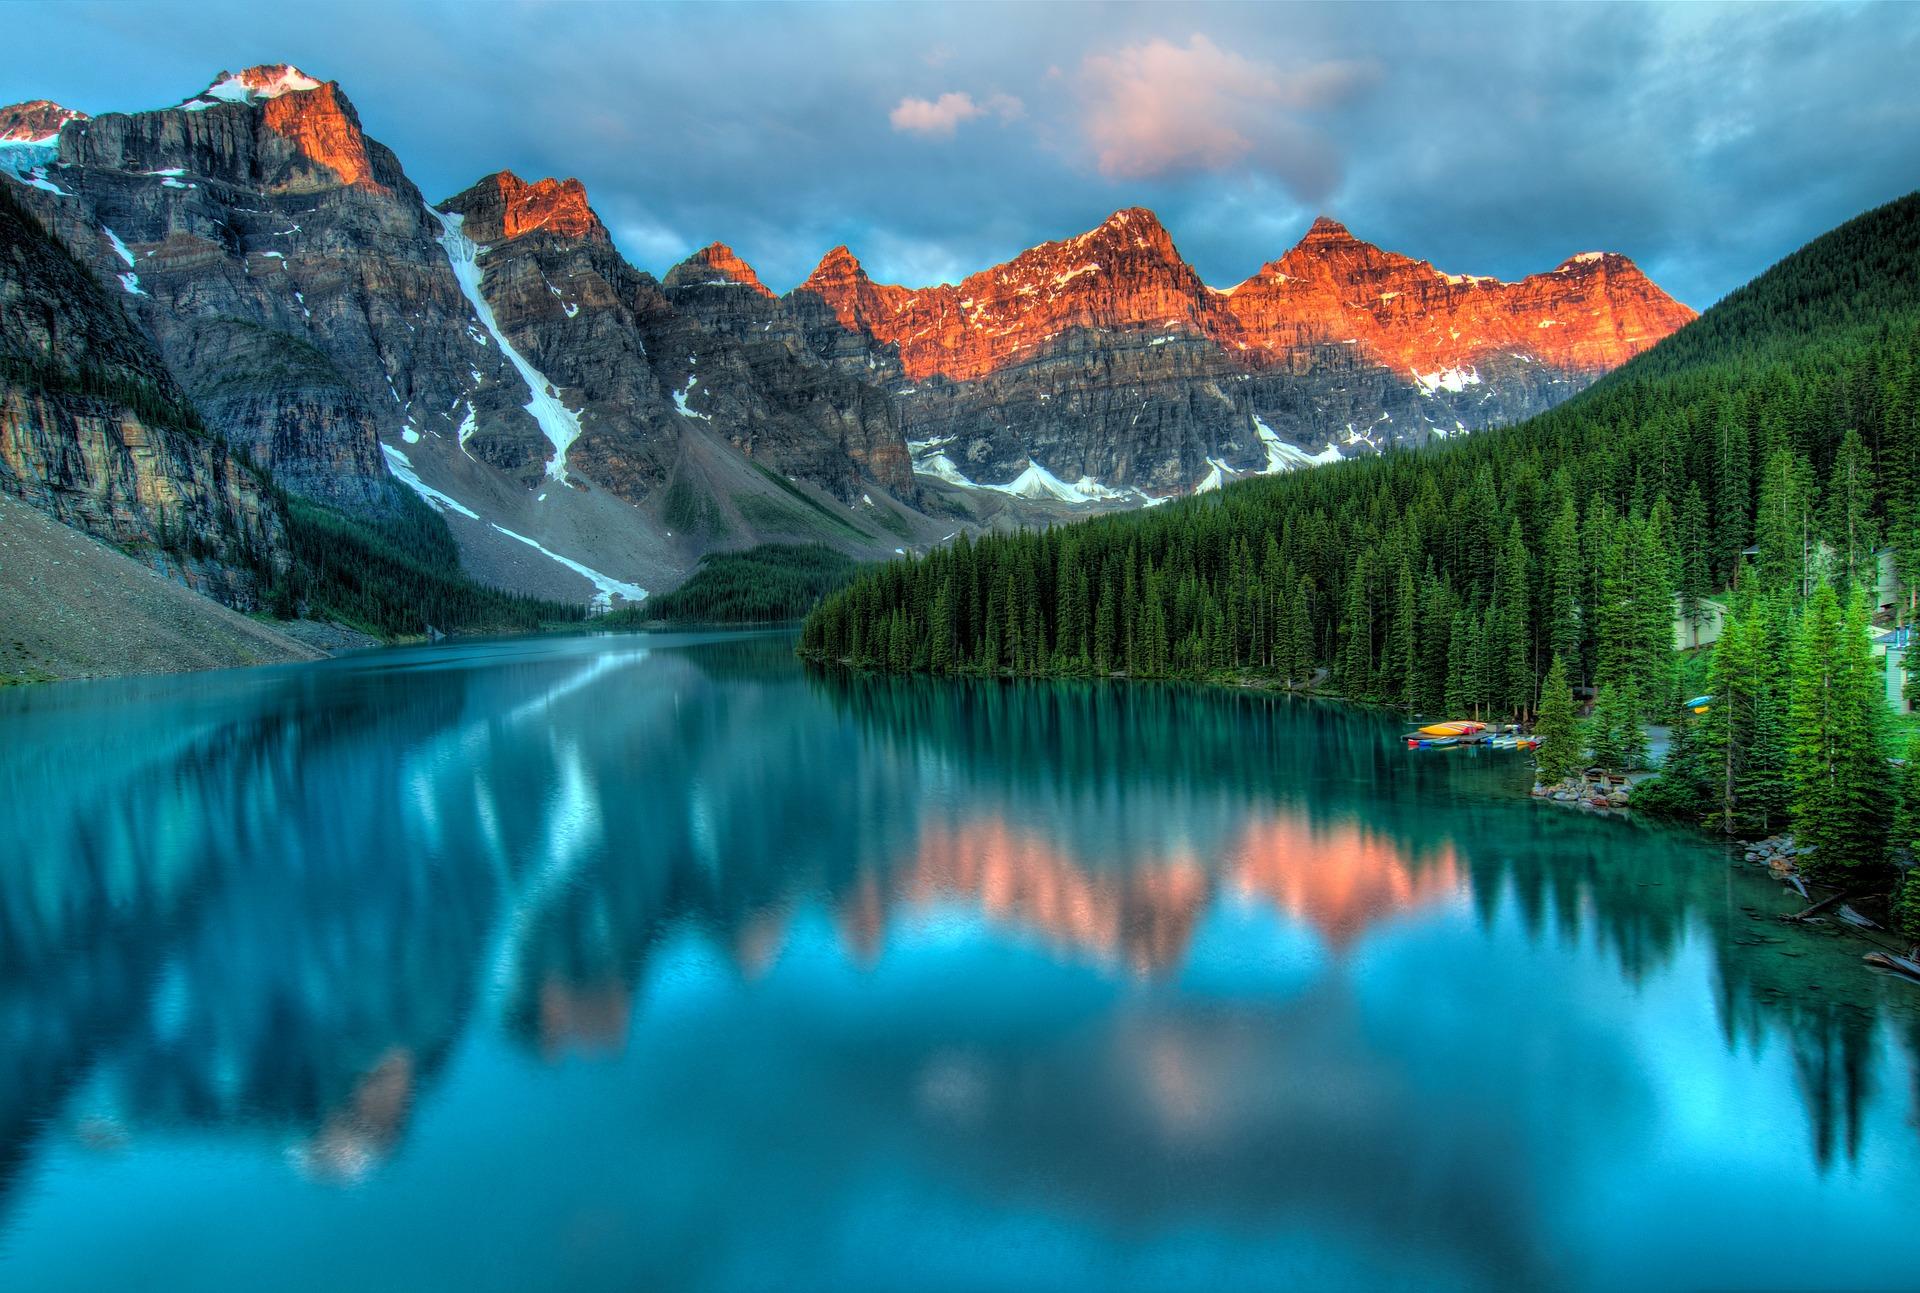 So schön ist Kanada ich kann nur jedem eine Reise hierher empfehlen, ein Land geprägt von Seen & voller unberührter Natur